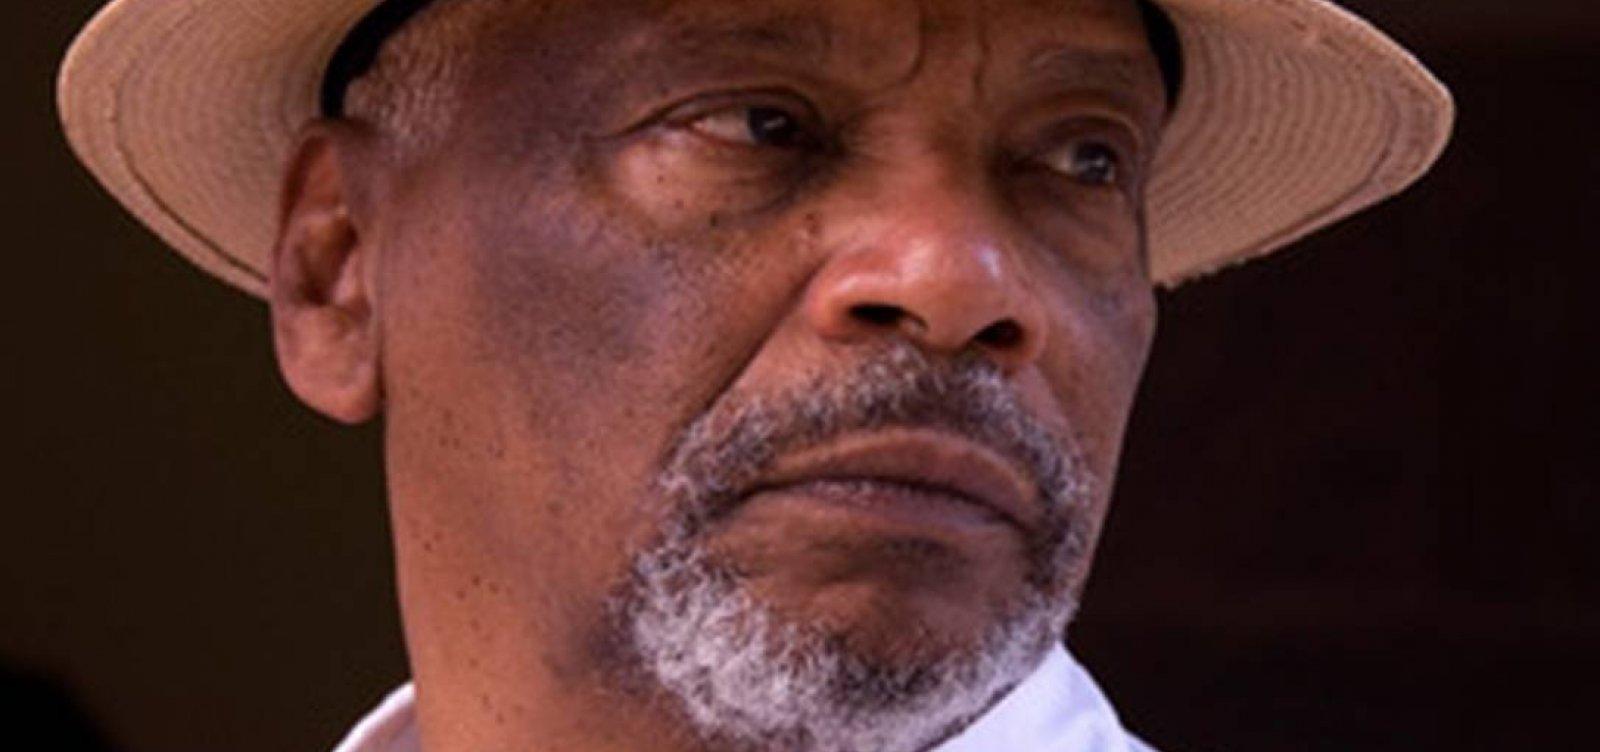 Personalidades da cultura negra criticam novo presidente da Fundação Palmares